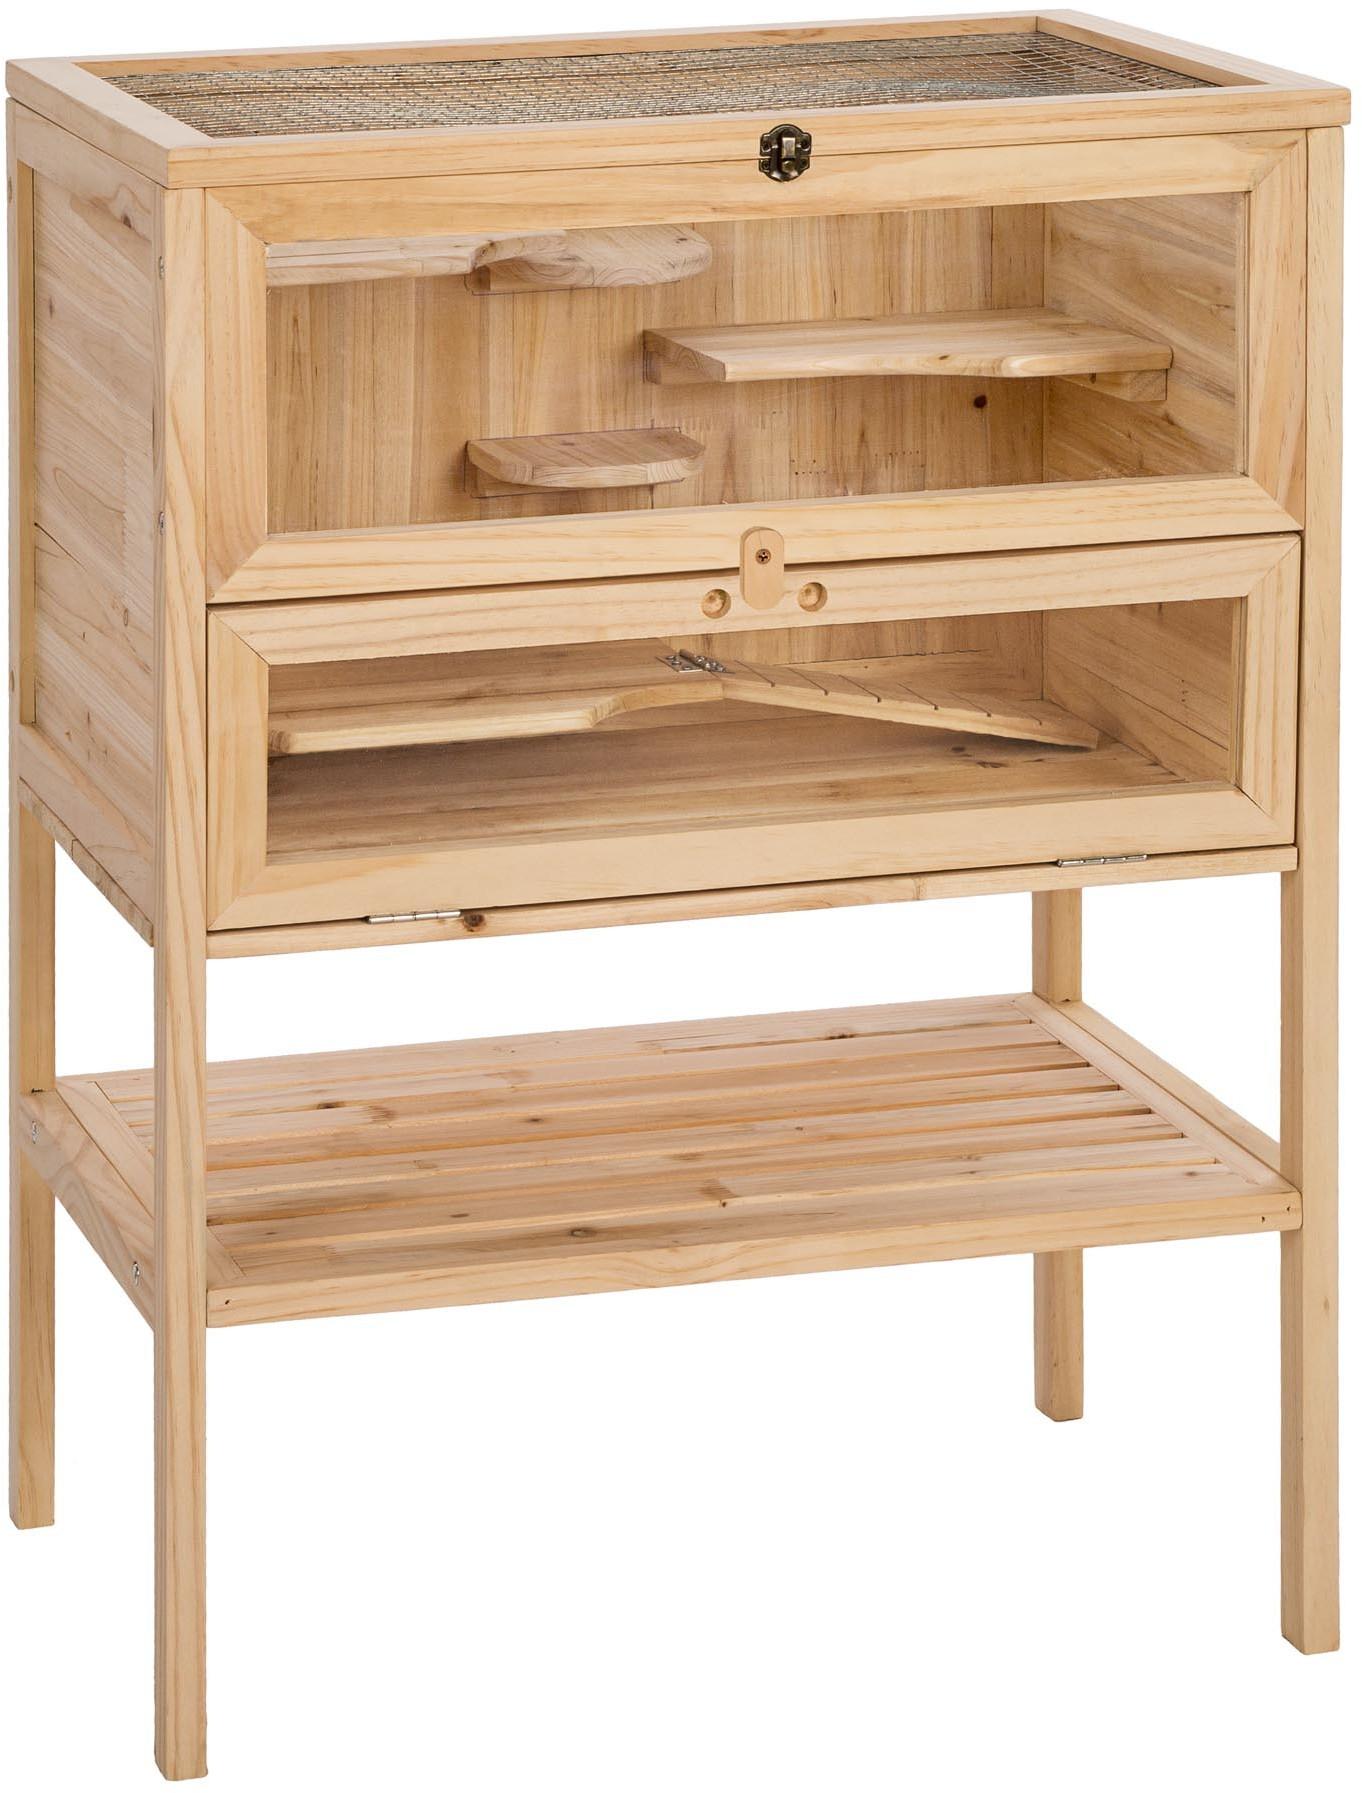 tectake Klatka dla chomika drewniana 60x40x80 cm - brązowy 403246